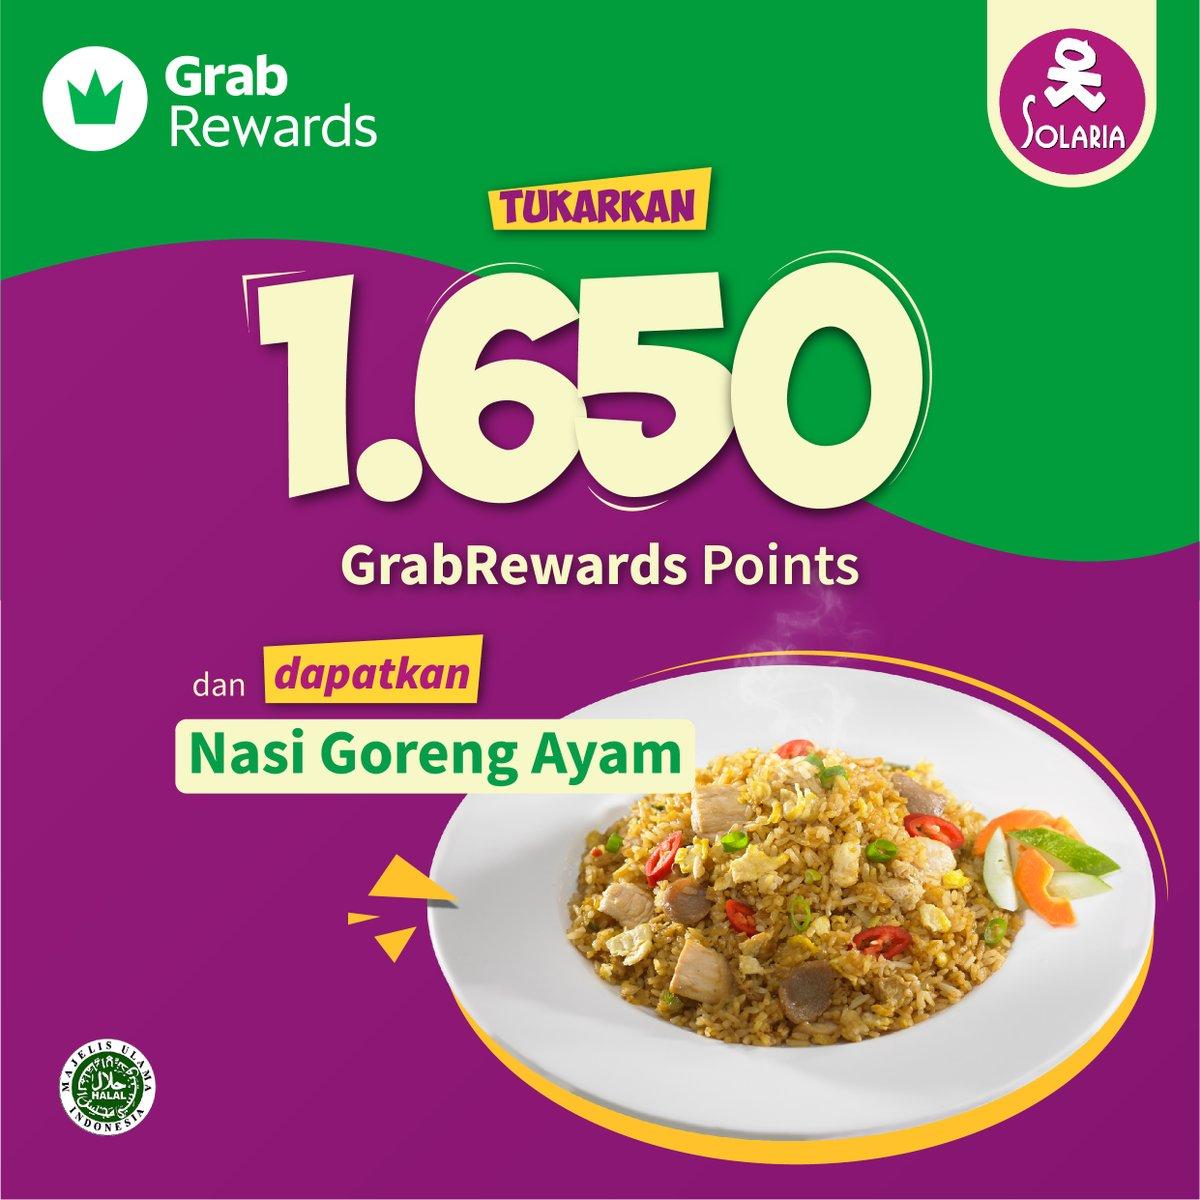 Solaria - Promo Gratis 1 Nasi Goreng Dengan Tukar 1650 Grab Reward Point